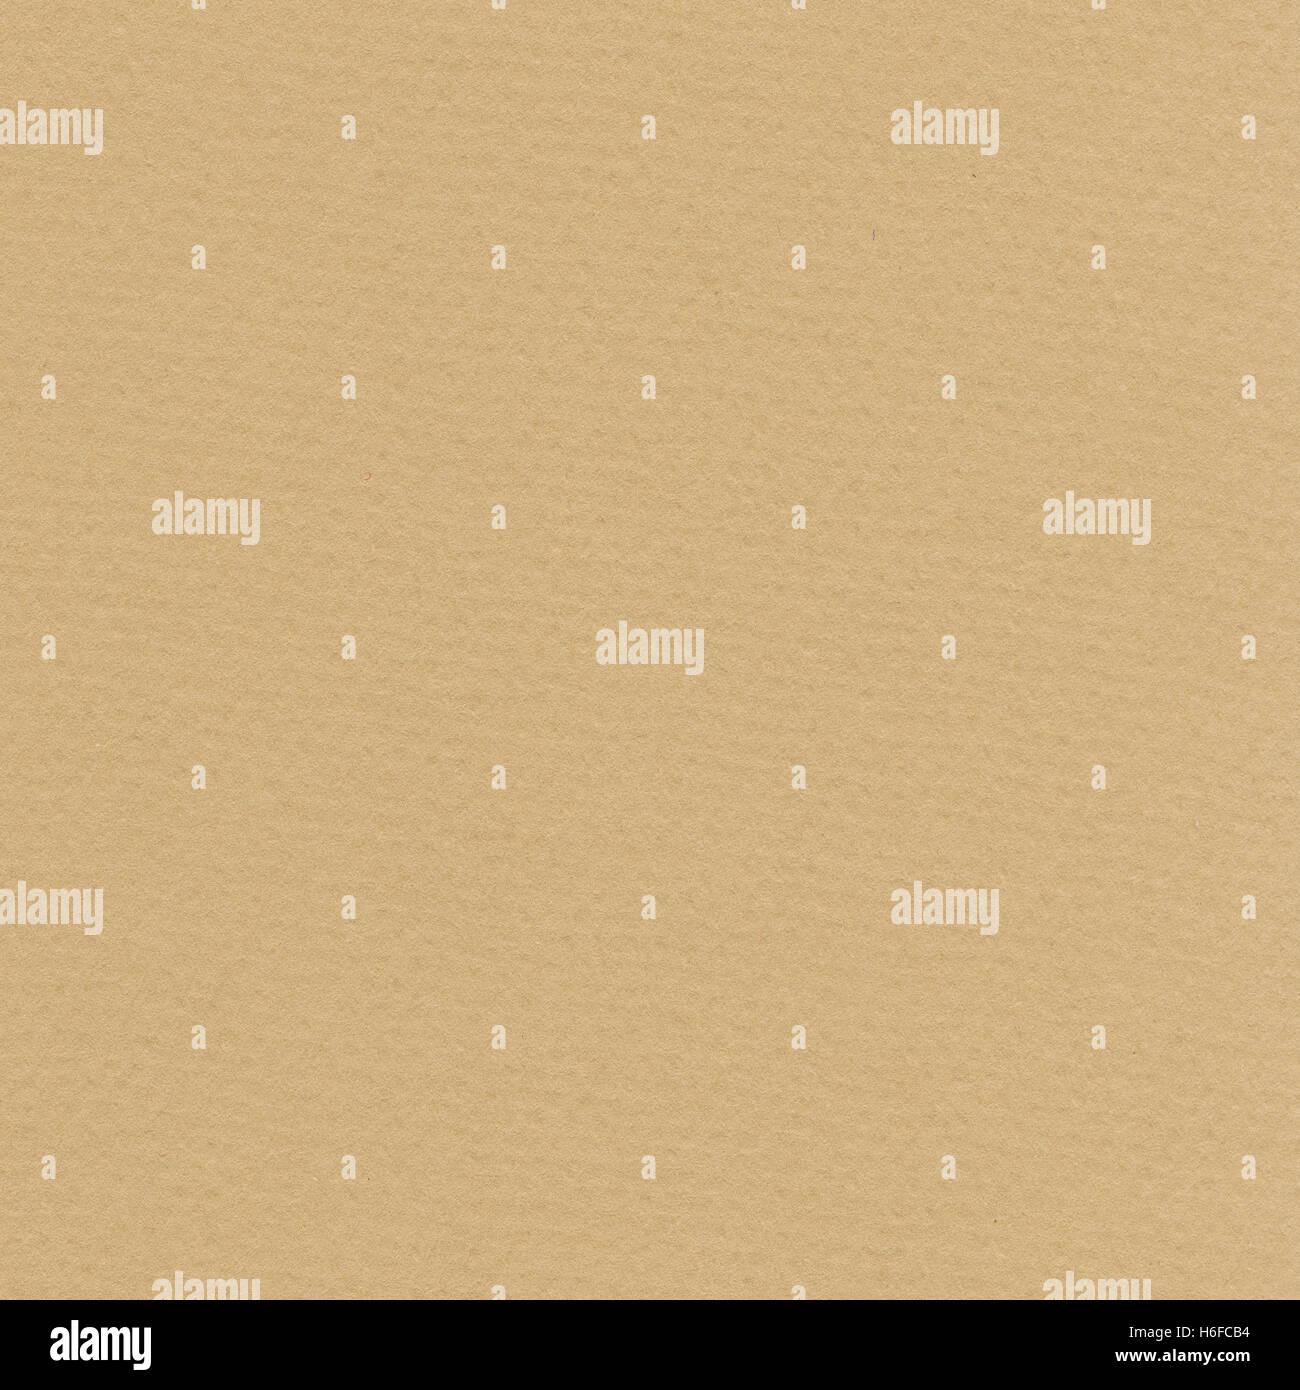 Numérisation haute résolution de papier fibre beige. Scanné à 2400dpi à l'aide d'un Photo Stock